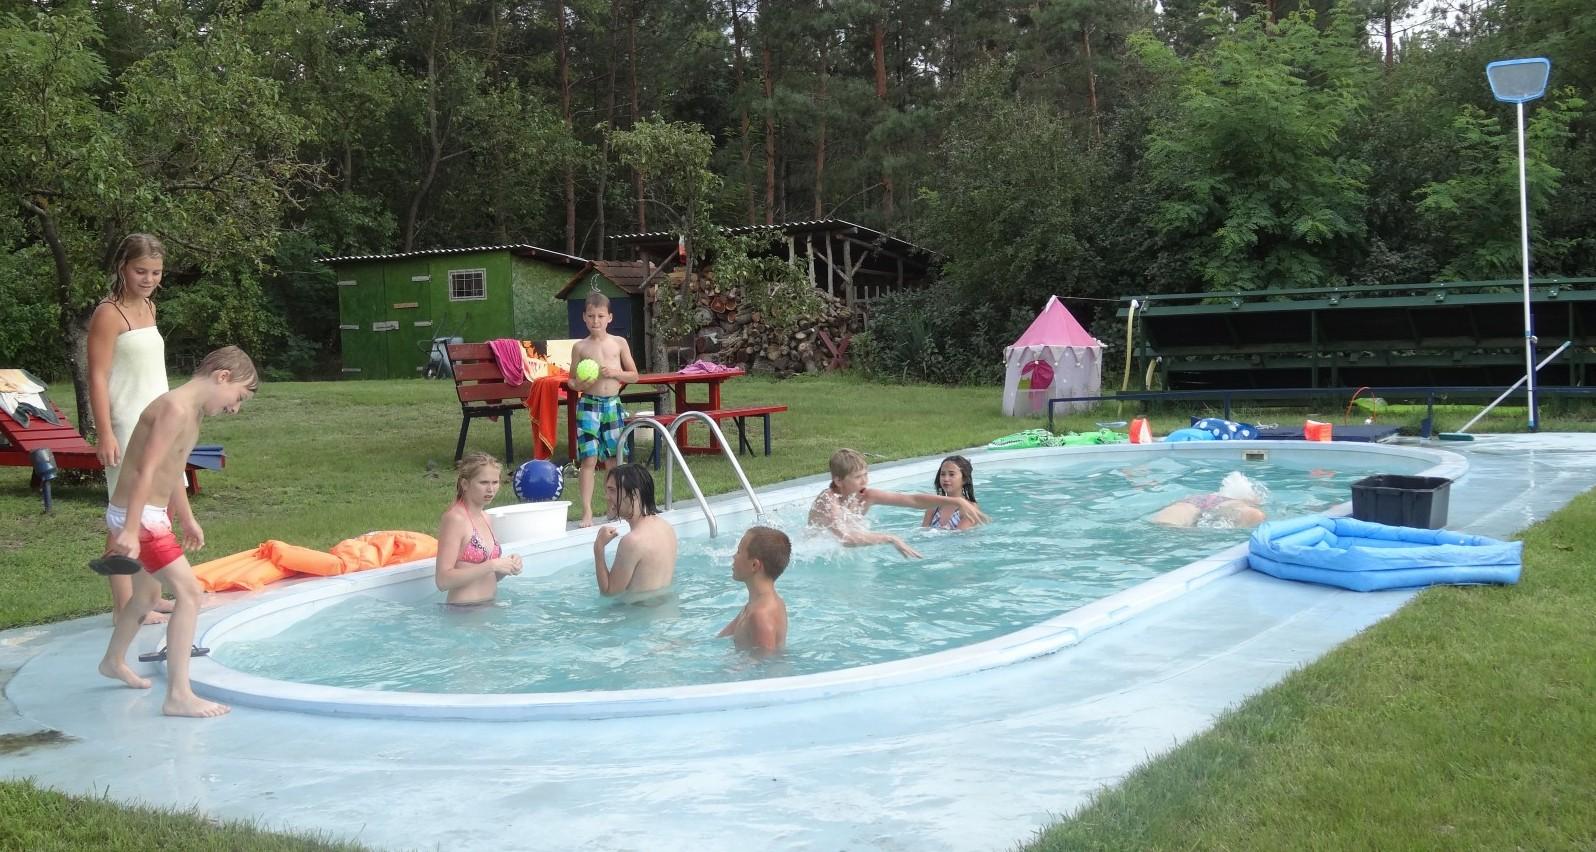 DSC01906-zwembad-e1422870264192